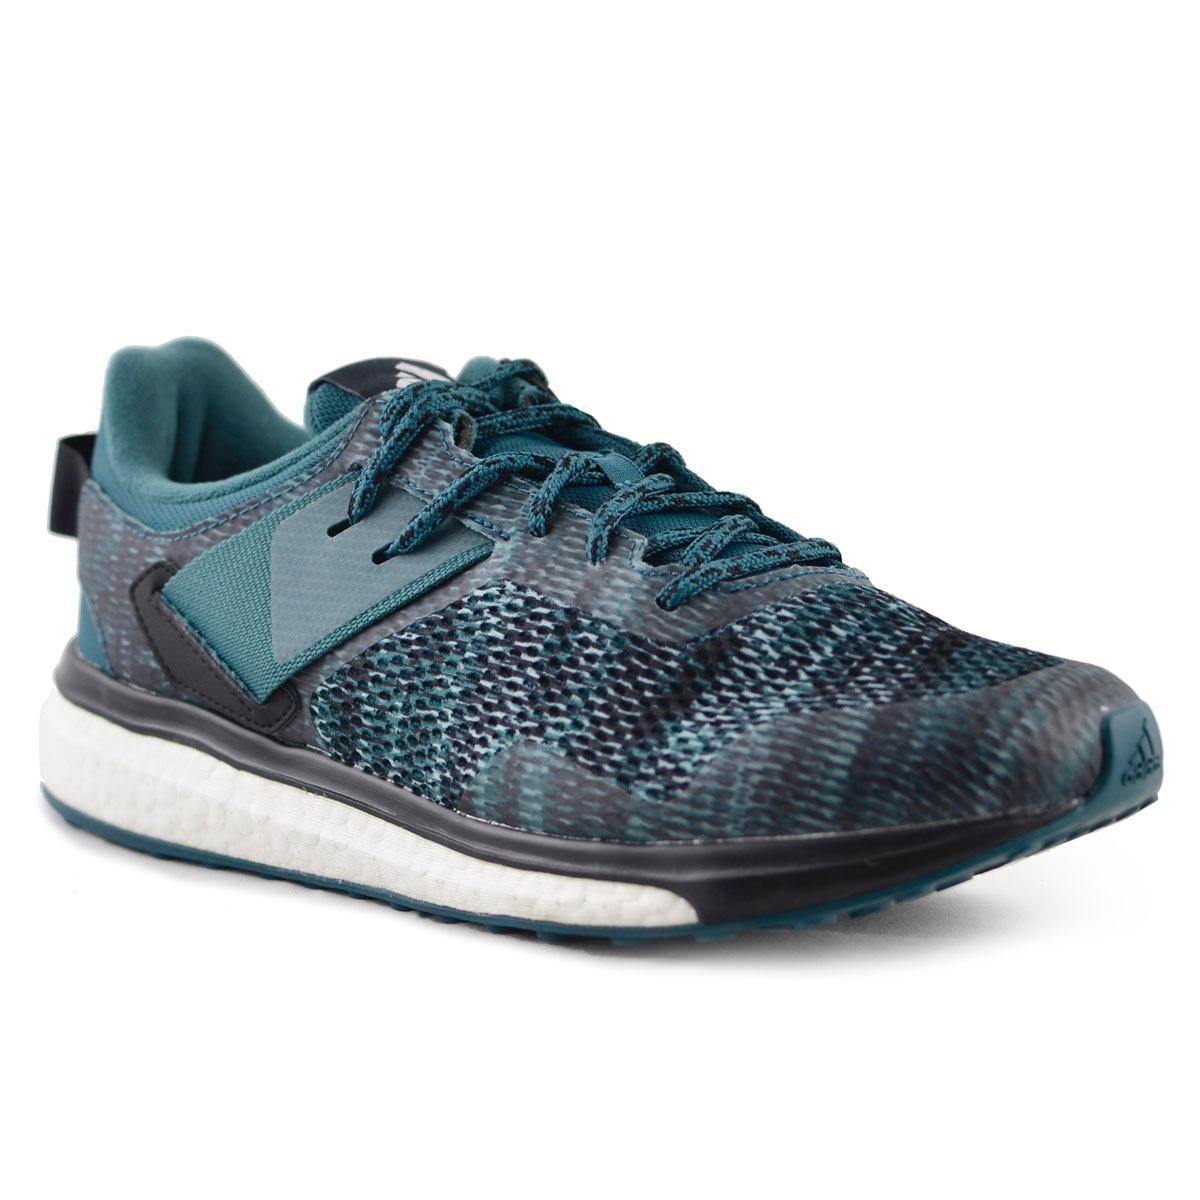 zapatillas adidas hombre 2017